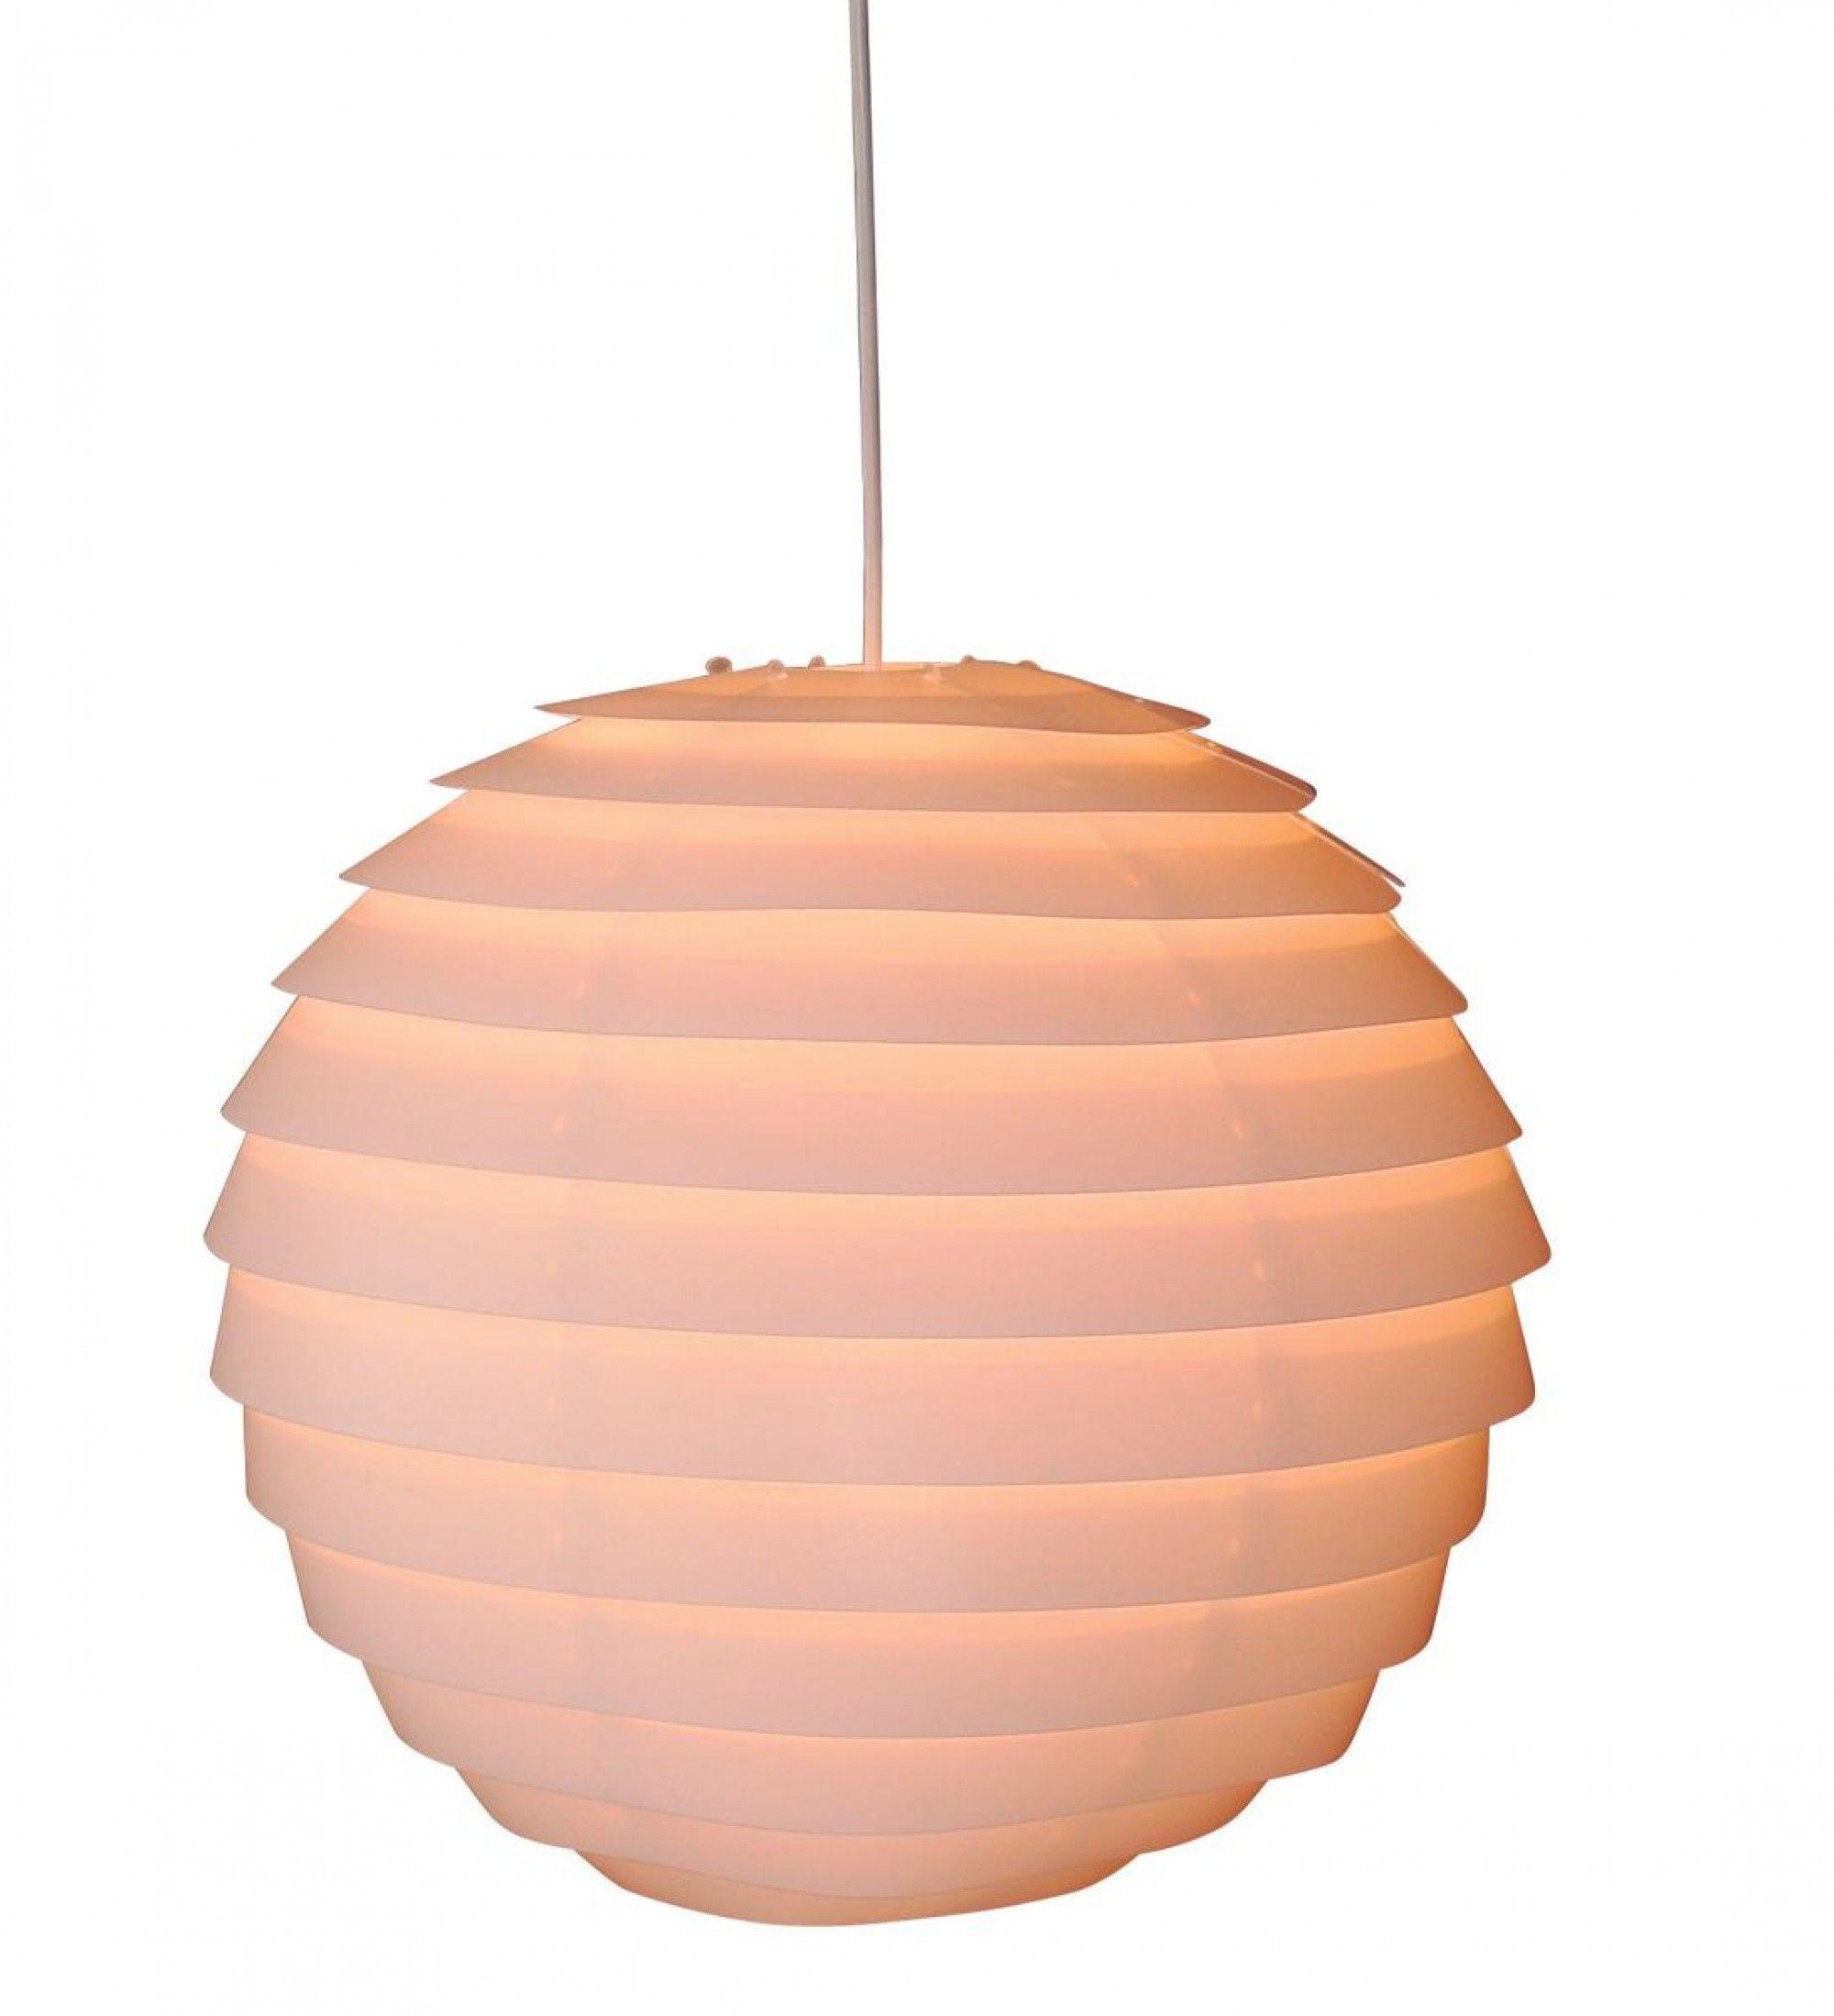 Pendelleuchte Rund Kunststoff Weiss Lampen Online Poco